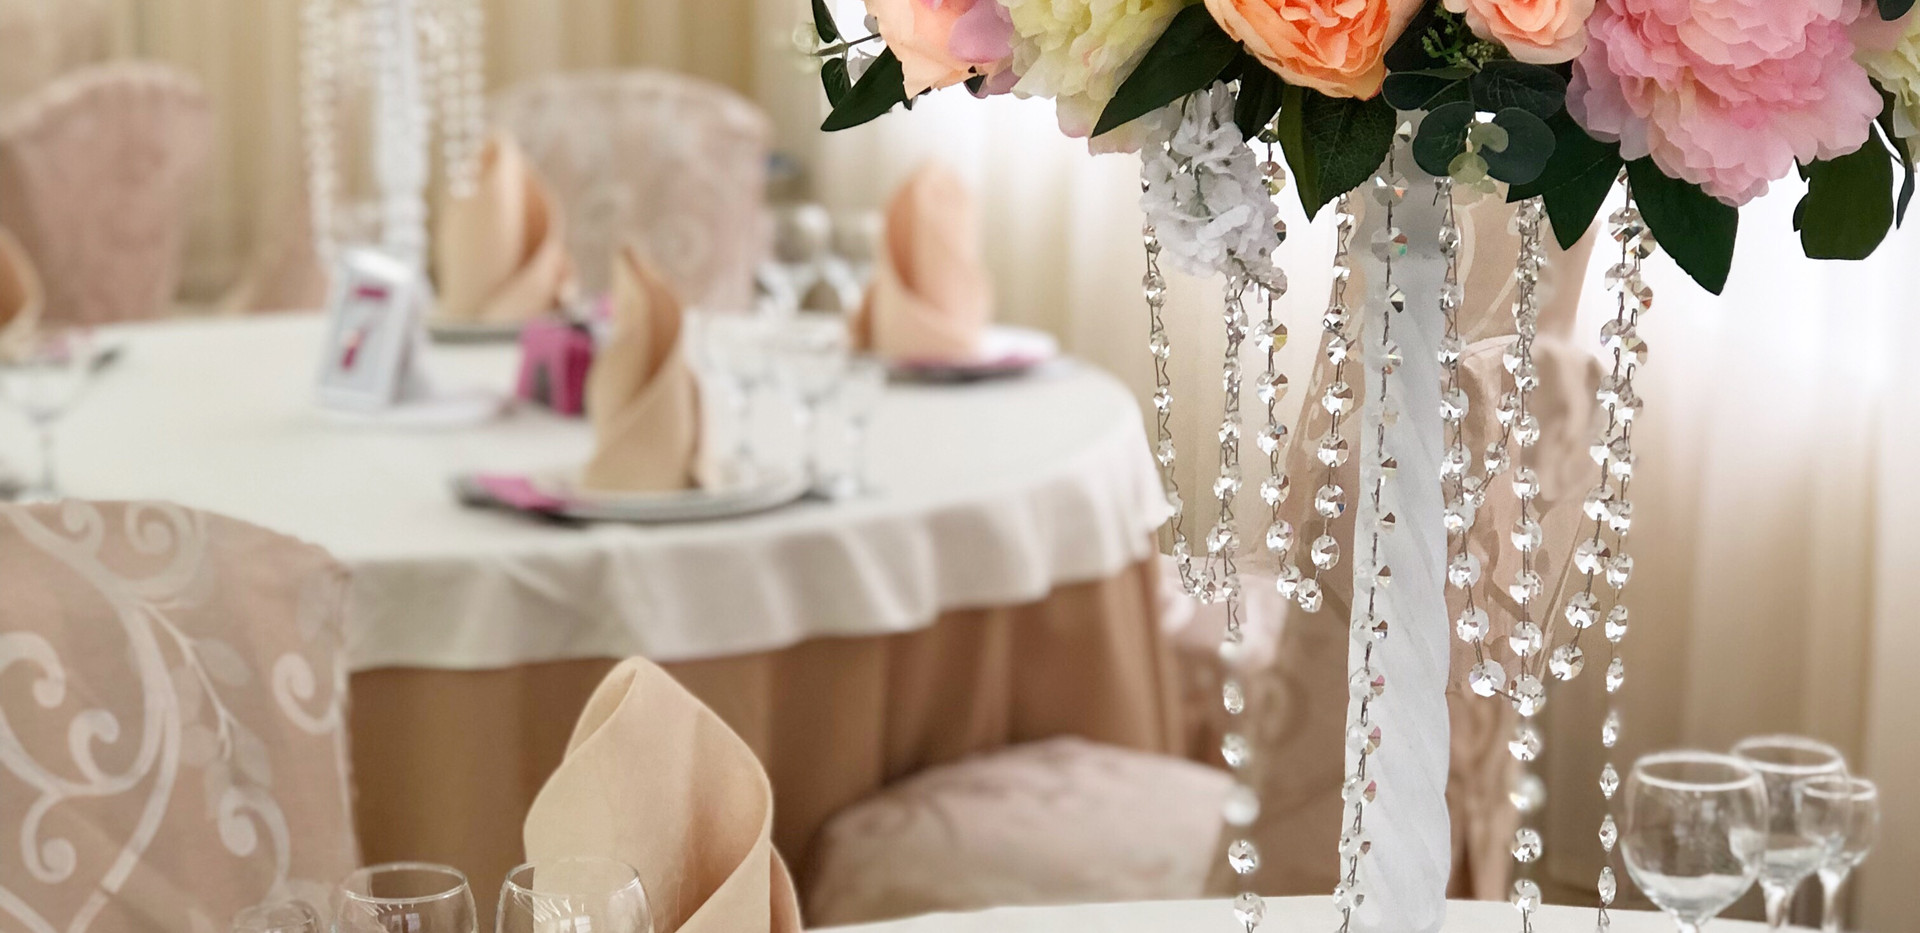 Цветочные композиции на гостевые столы